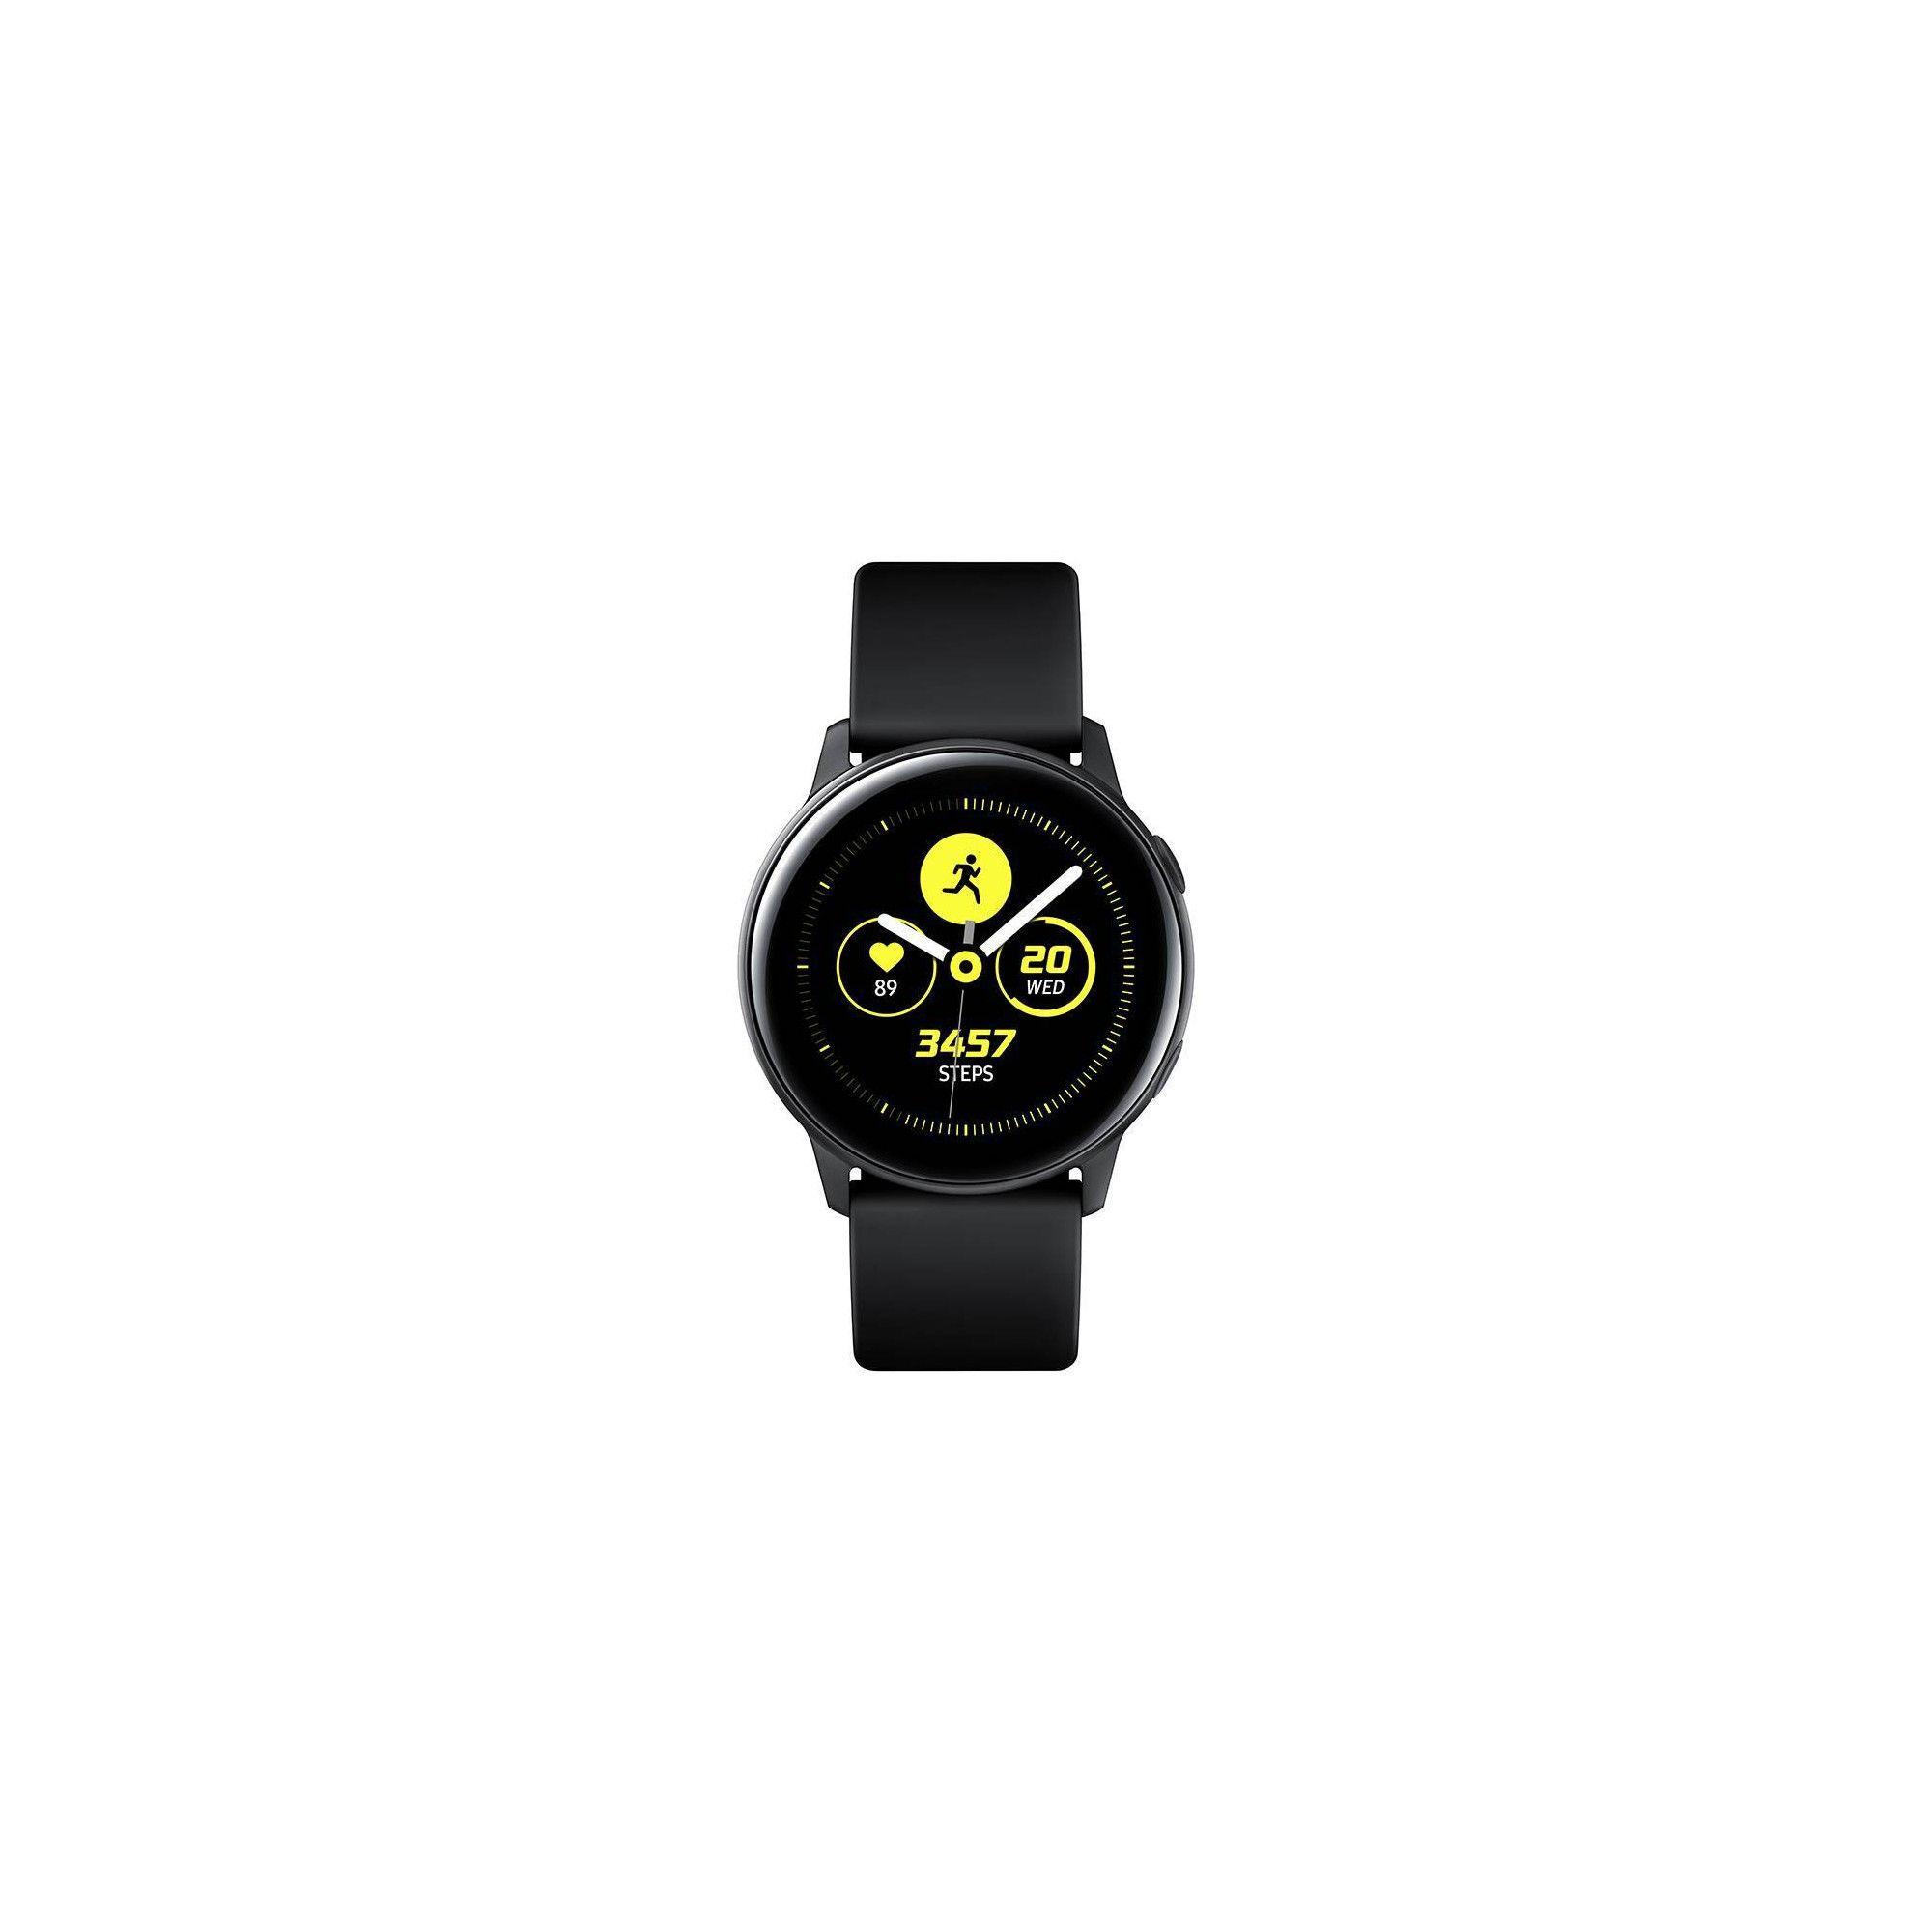 Samsung Galaxy Watch Active Black Smart watch, Samsung